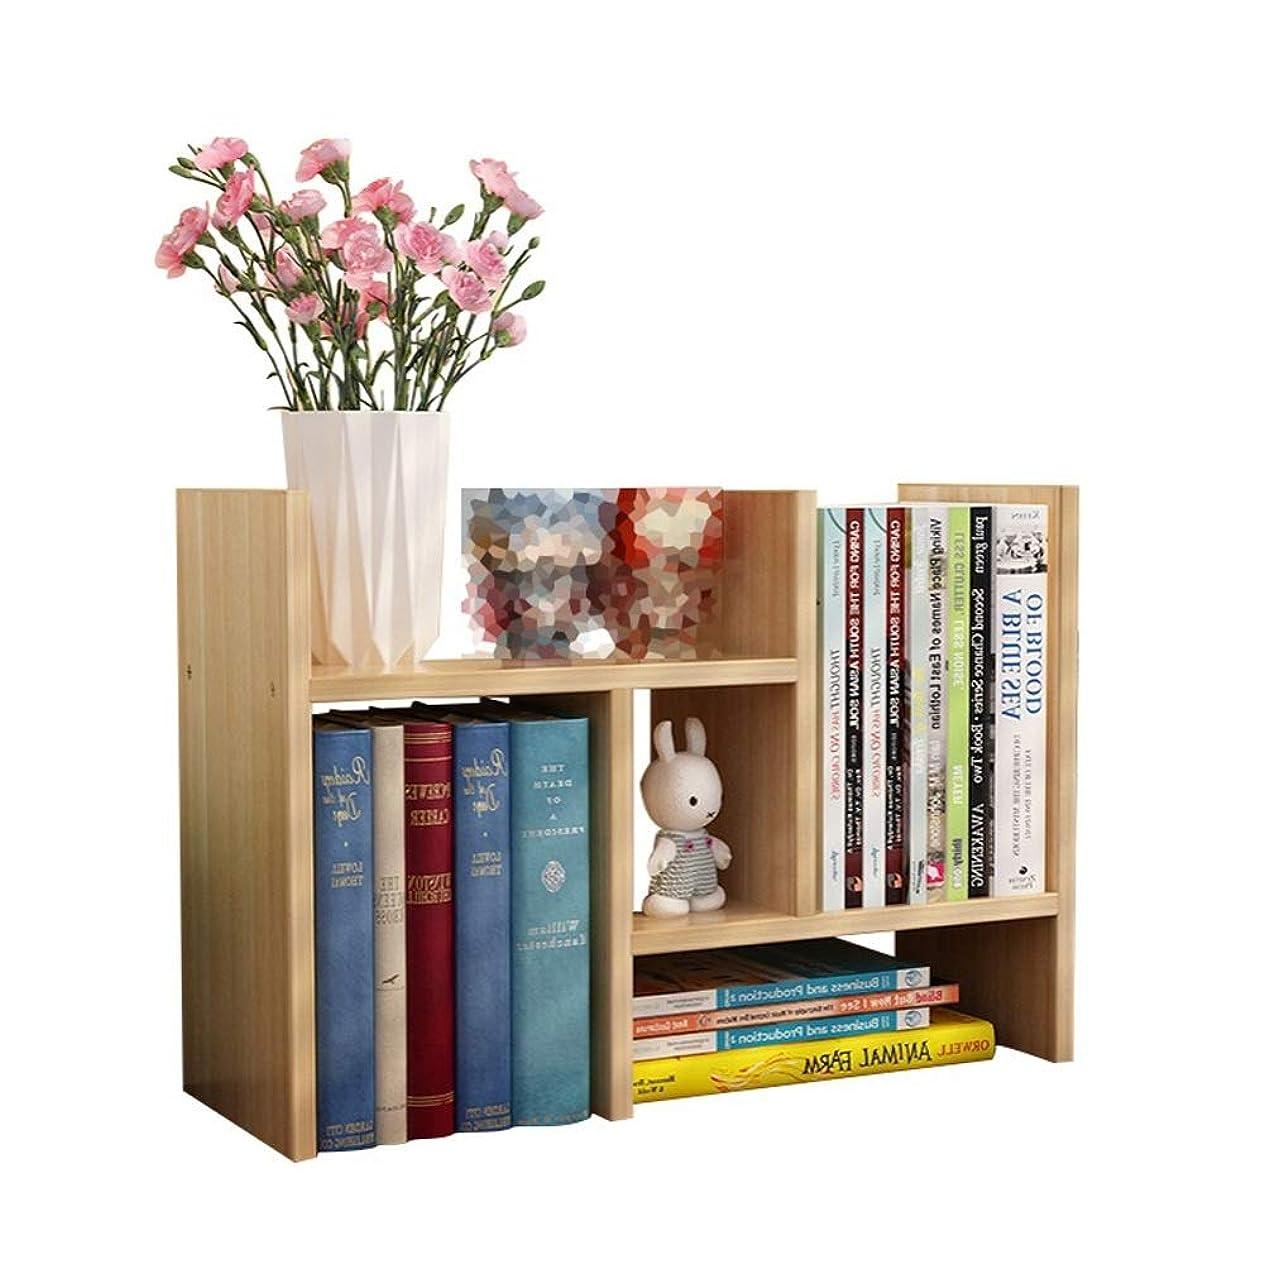 配送邪魔適度に書棚 オフィス用のシンプルな多機能デスクトップ小型本棚 スタンドアップ本棚 (色 : Light walnut, サイズ : (35-61)*17*35cm)